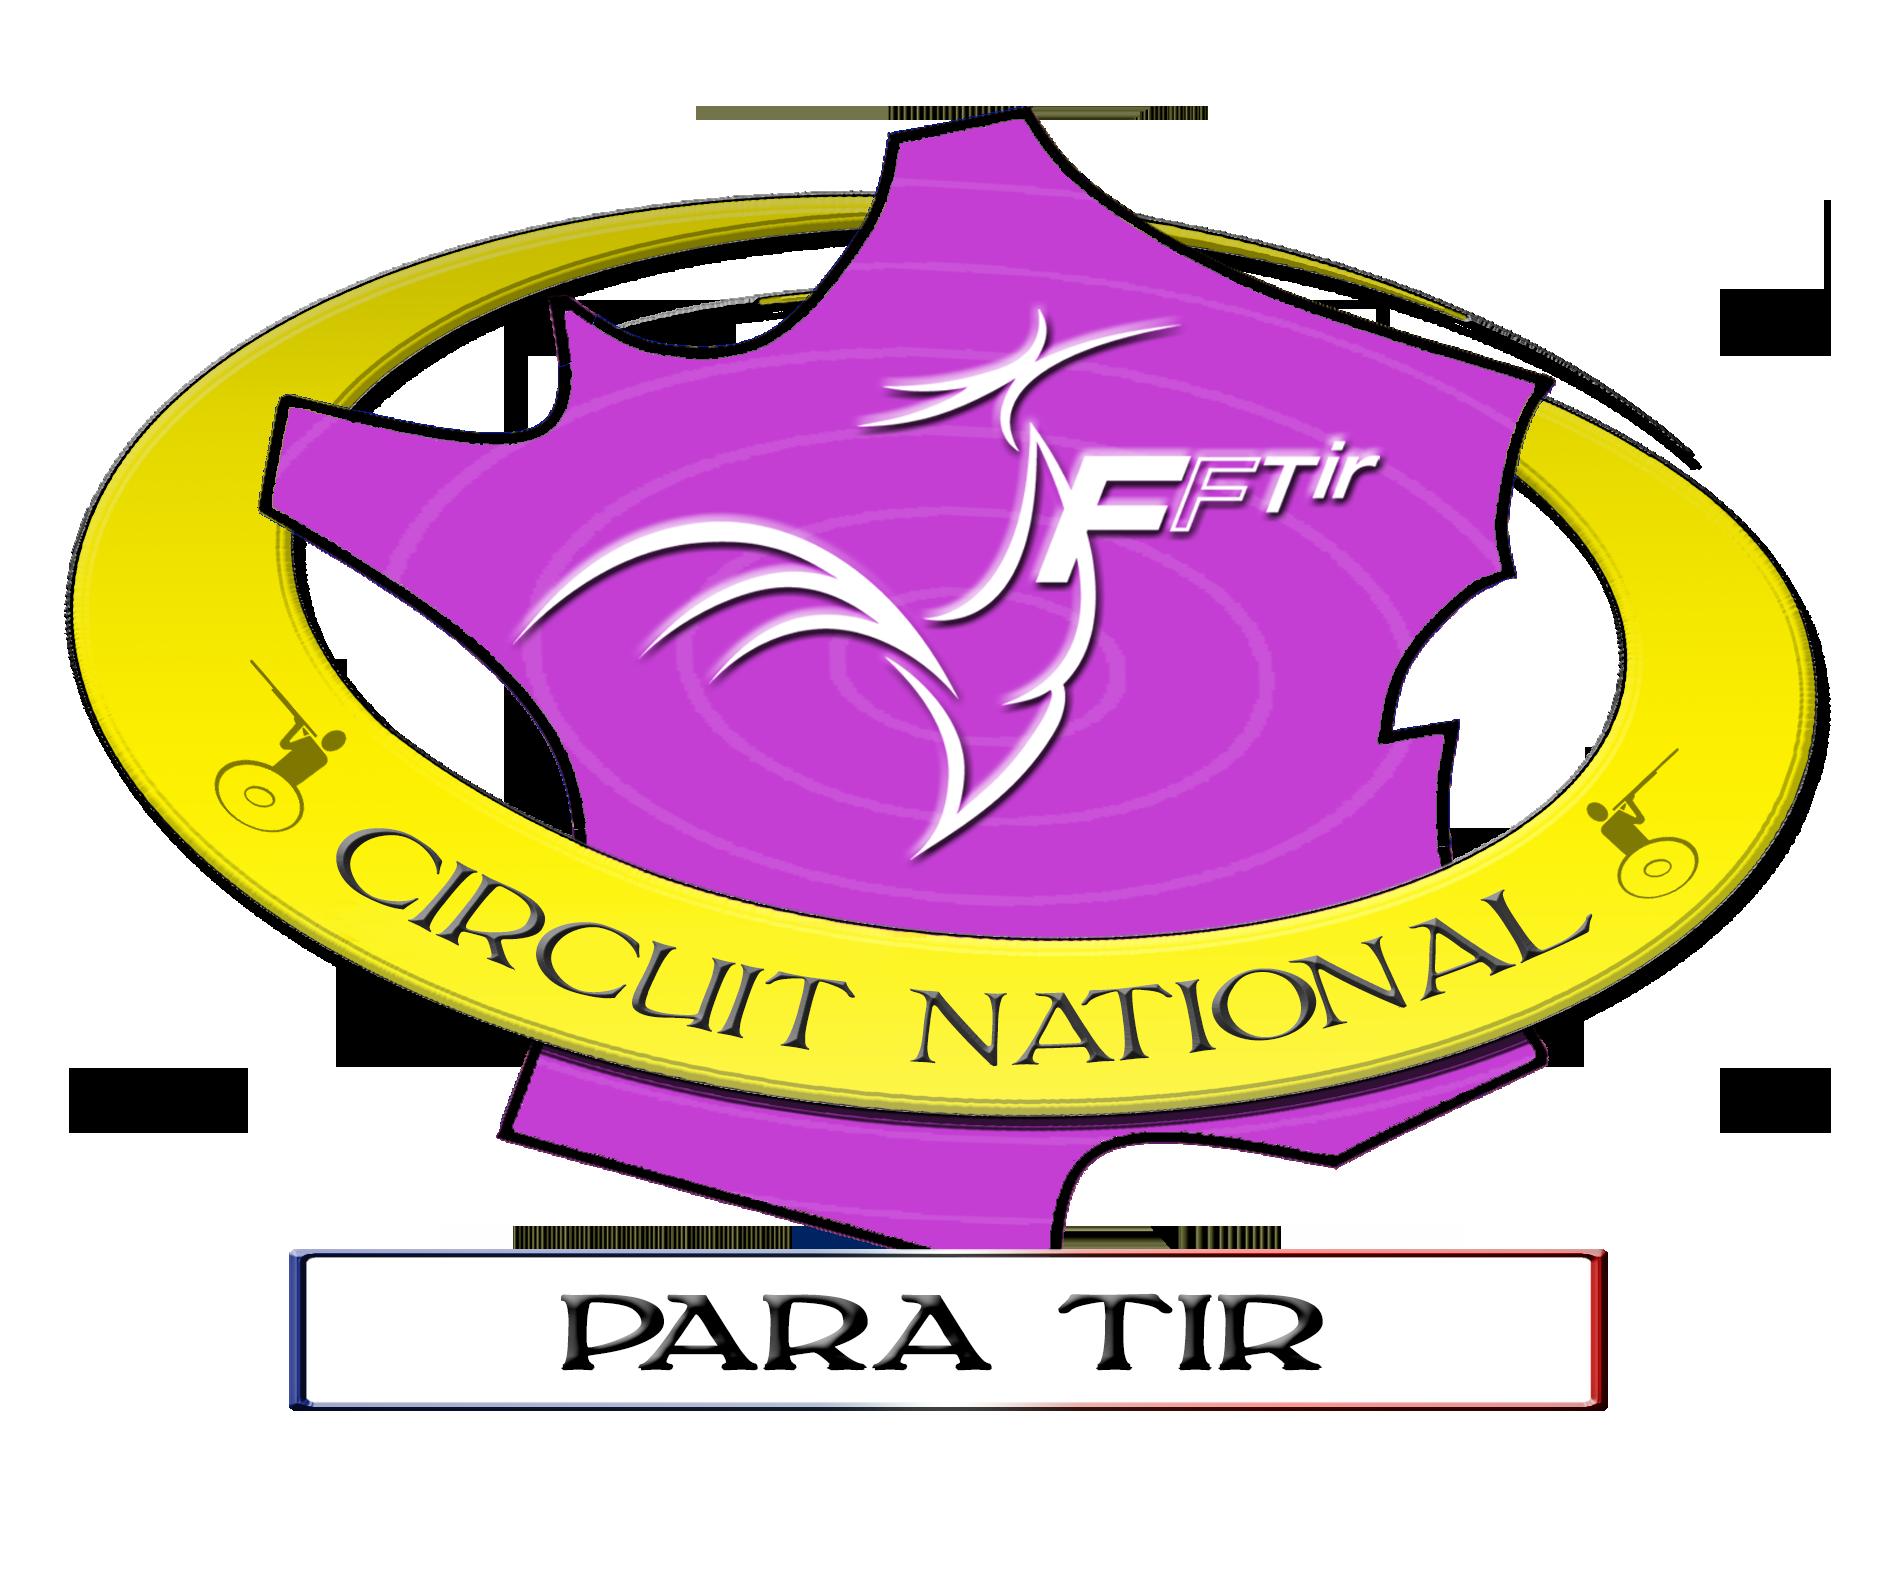 NL CIR NAT PARA.png